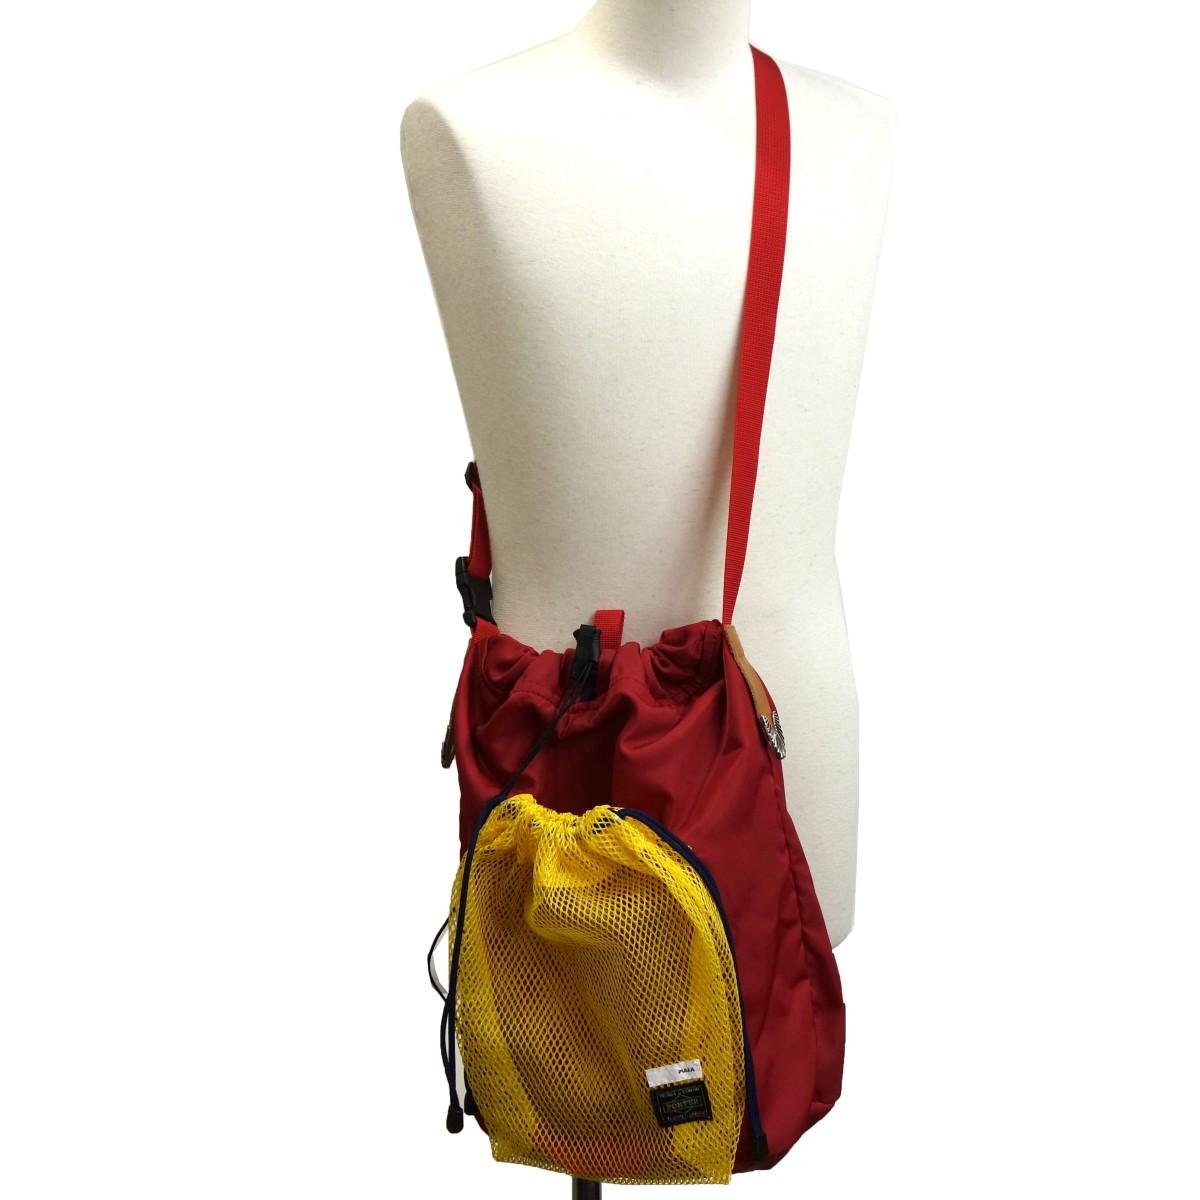 【中古】TOGA PULLA×PORTER 19SS「Mesh bag」 メッシュショルダーバッグ レッド サイズ:- 【150320】(トーガプルラ ポーター)